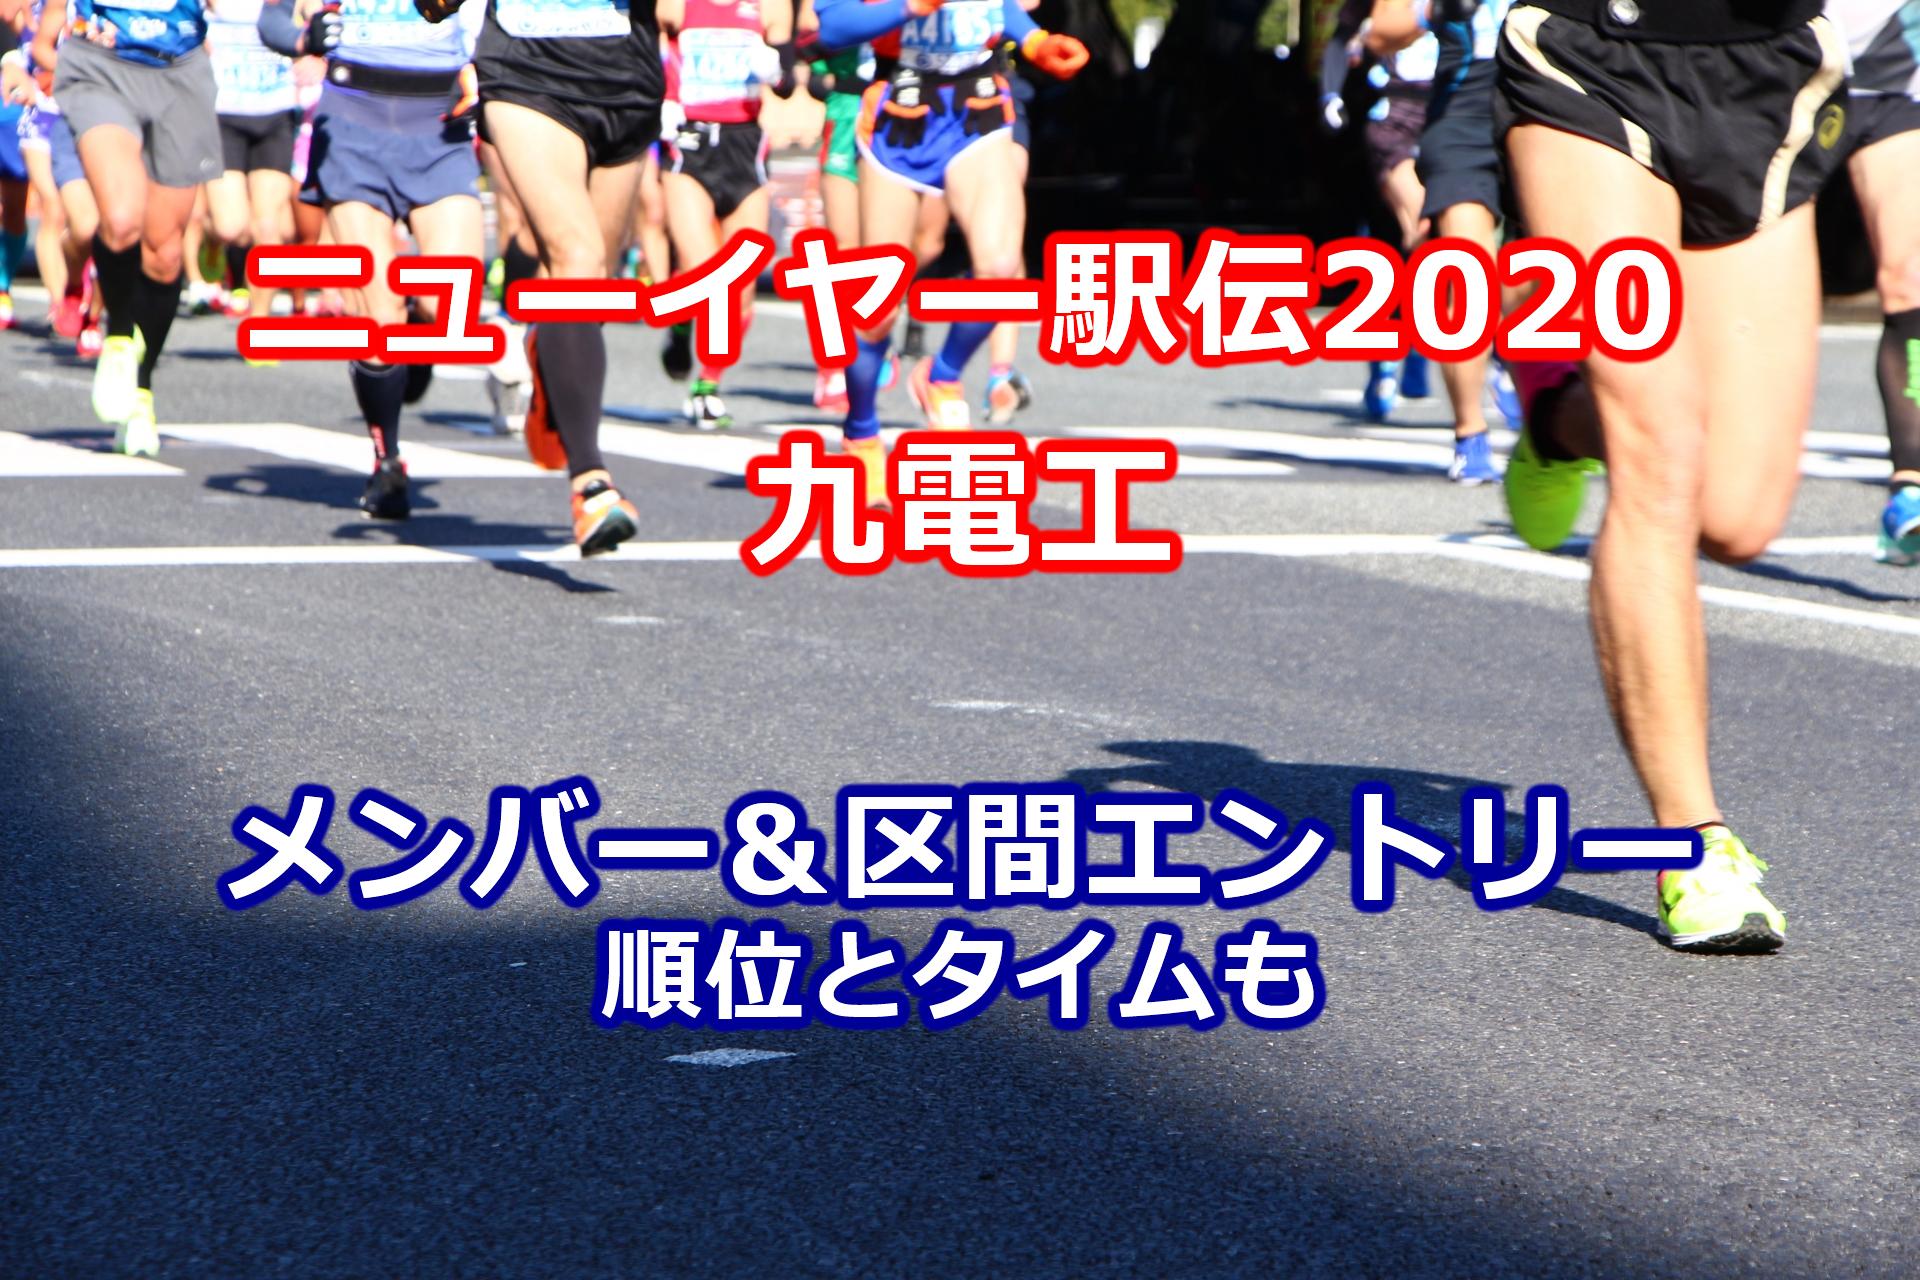 ニューイヤー駅伝2020九電工のメンバー・区間エントリー・結果・順位・タイム